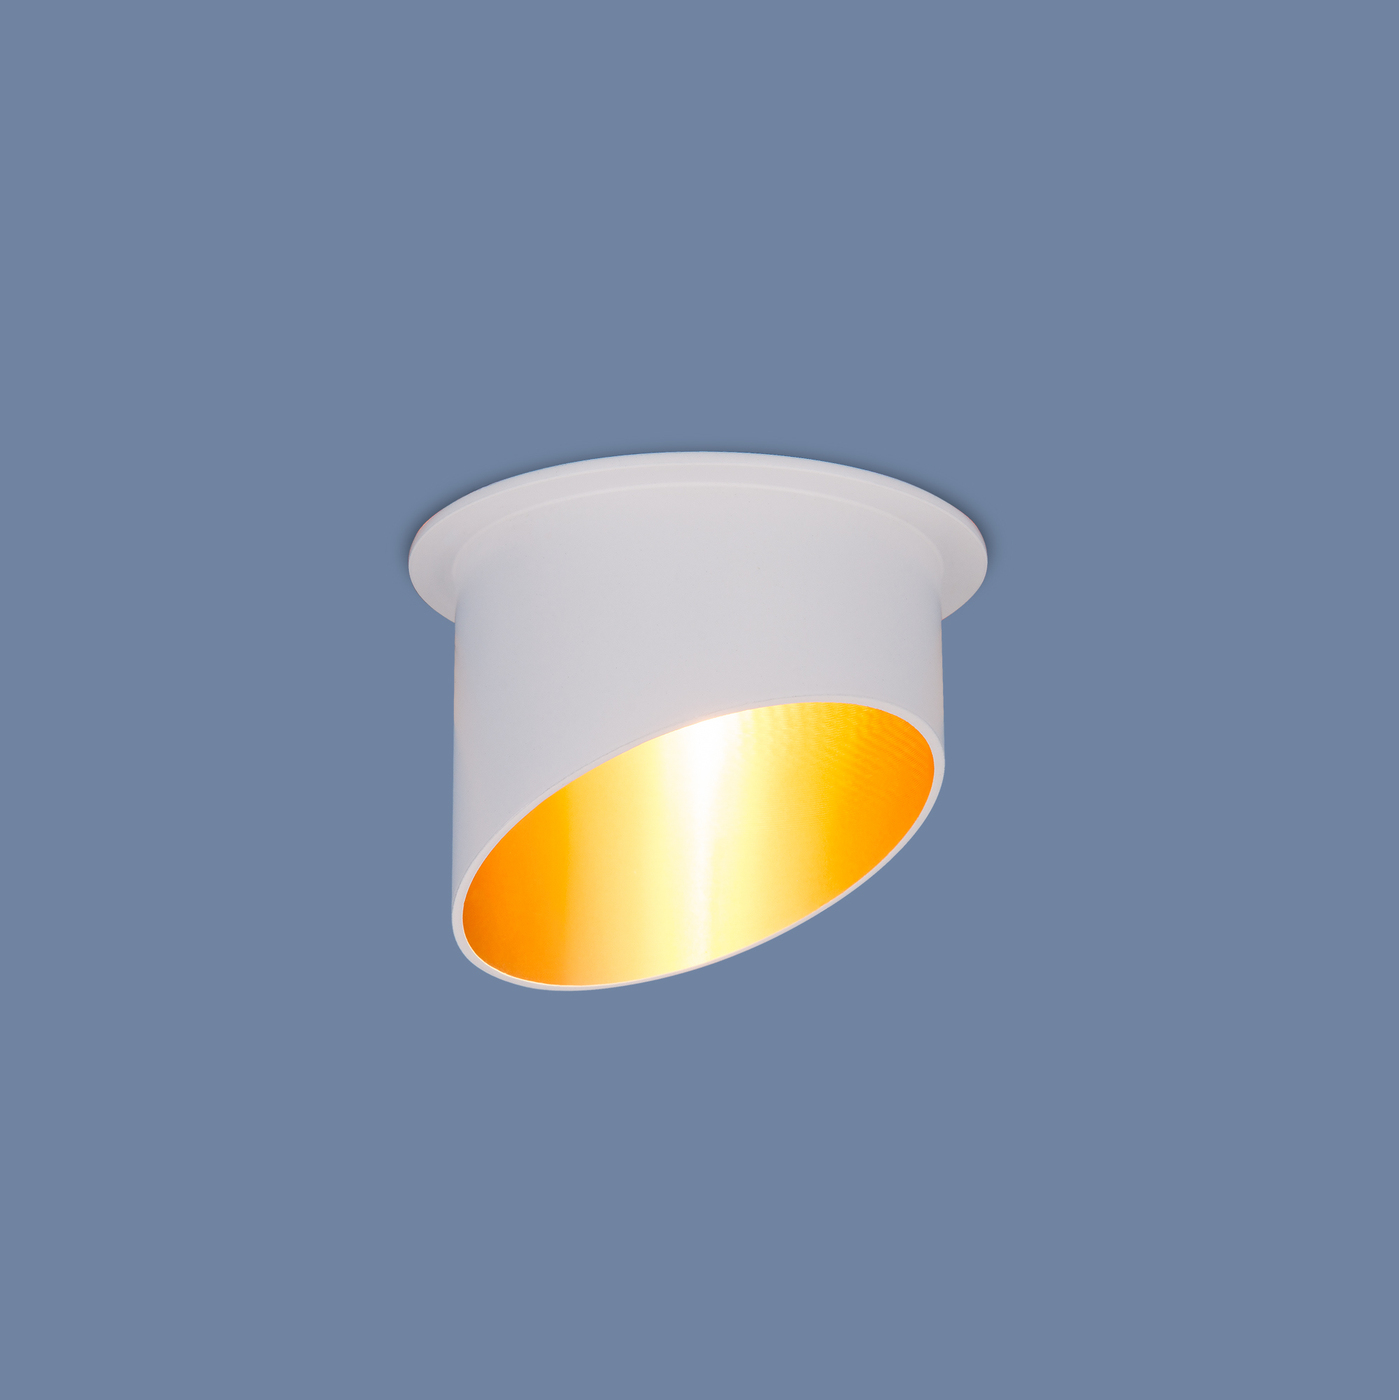 Встраиваемый светильник Elektrostandard точечный 7005 MR16 WH/GD, G5.3 встраиваемый светильник elektrostandard 7002 mr16 wh gd белый золото 4690389082528